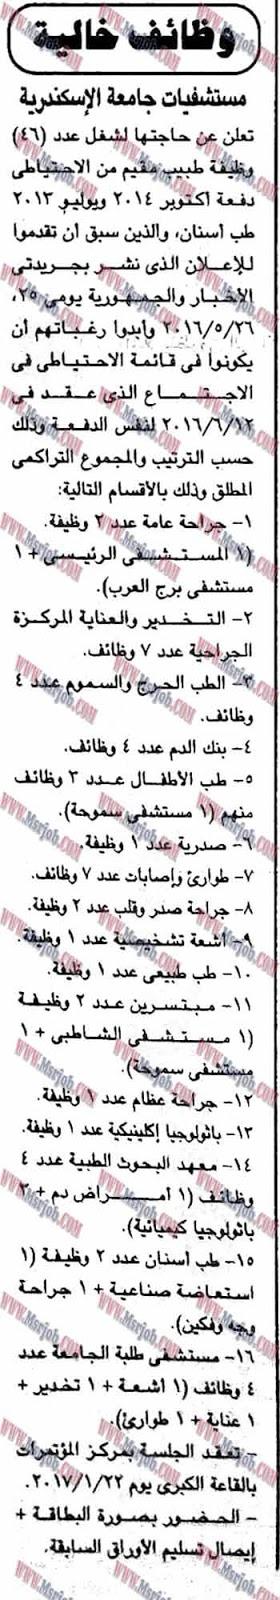 وظائف مستشفيات جامعة الاسكندرية منشور بالجمهورية 8 / 1 / 2017